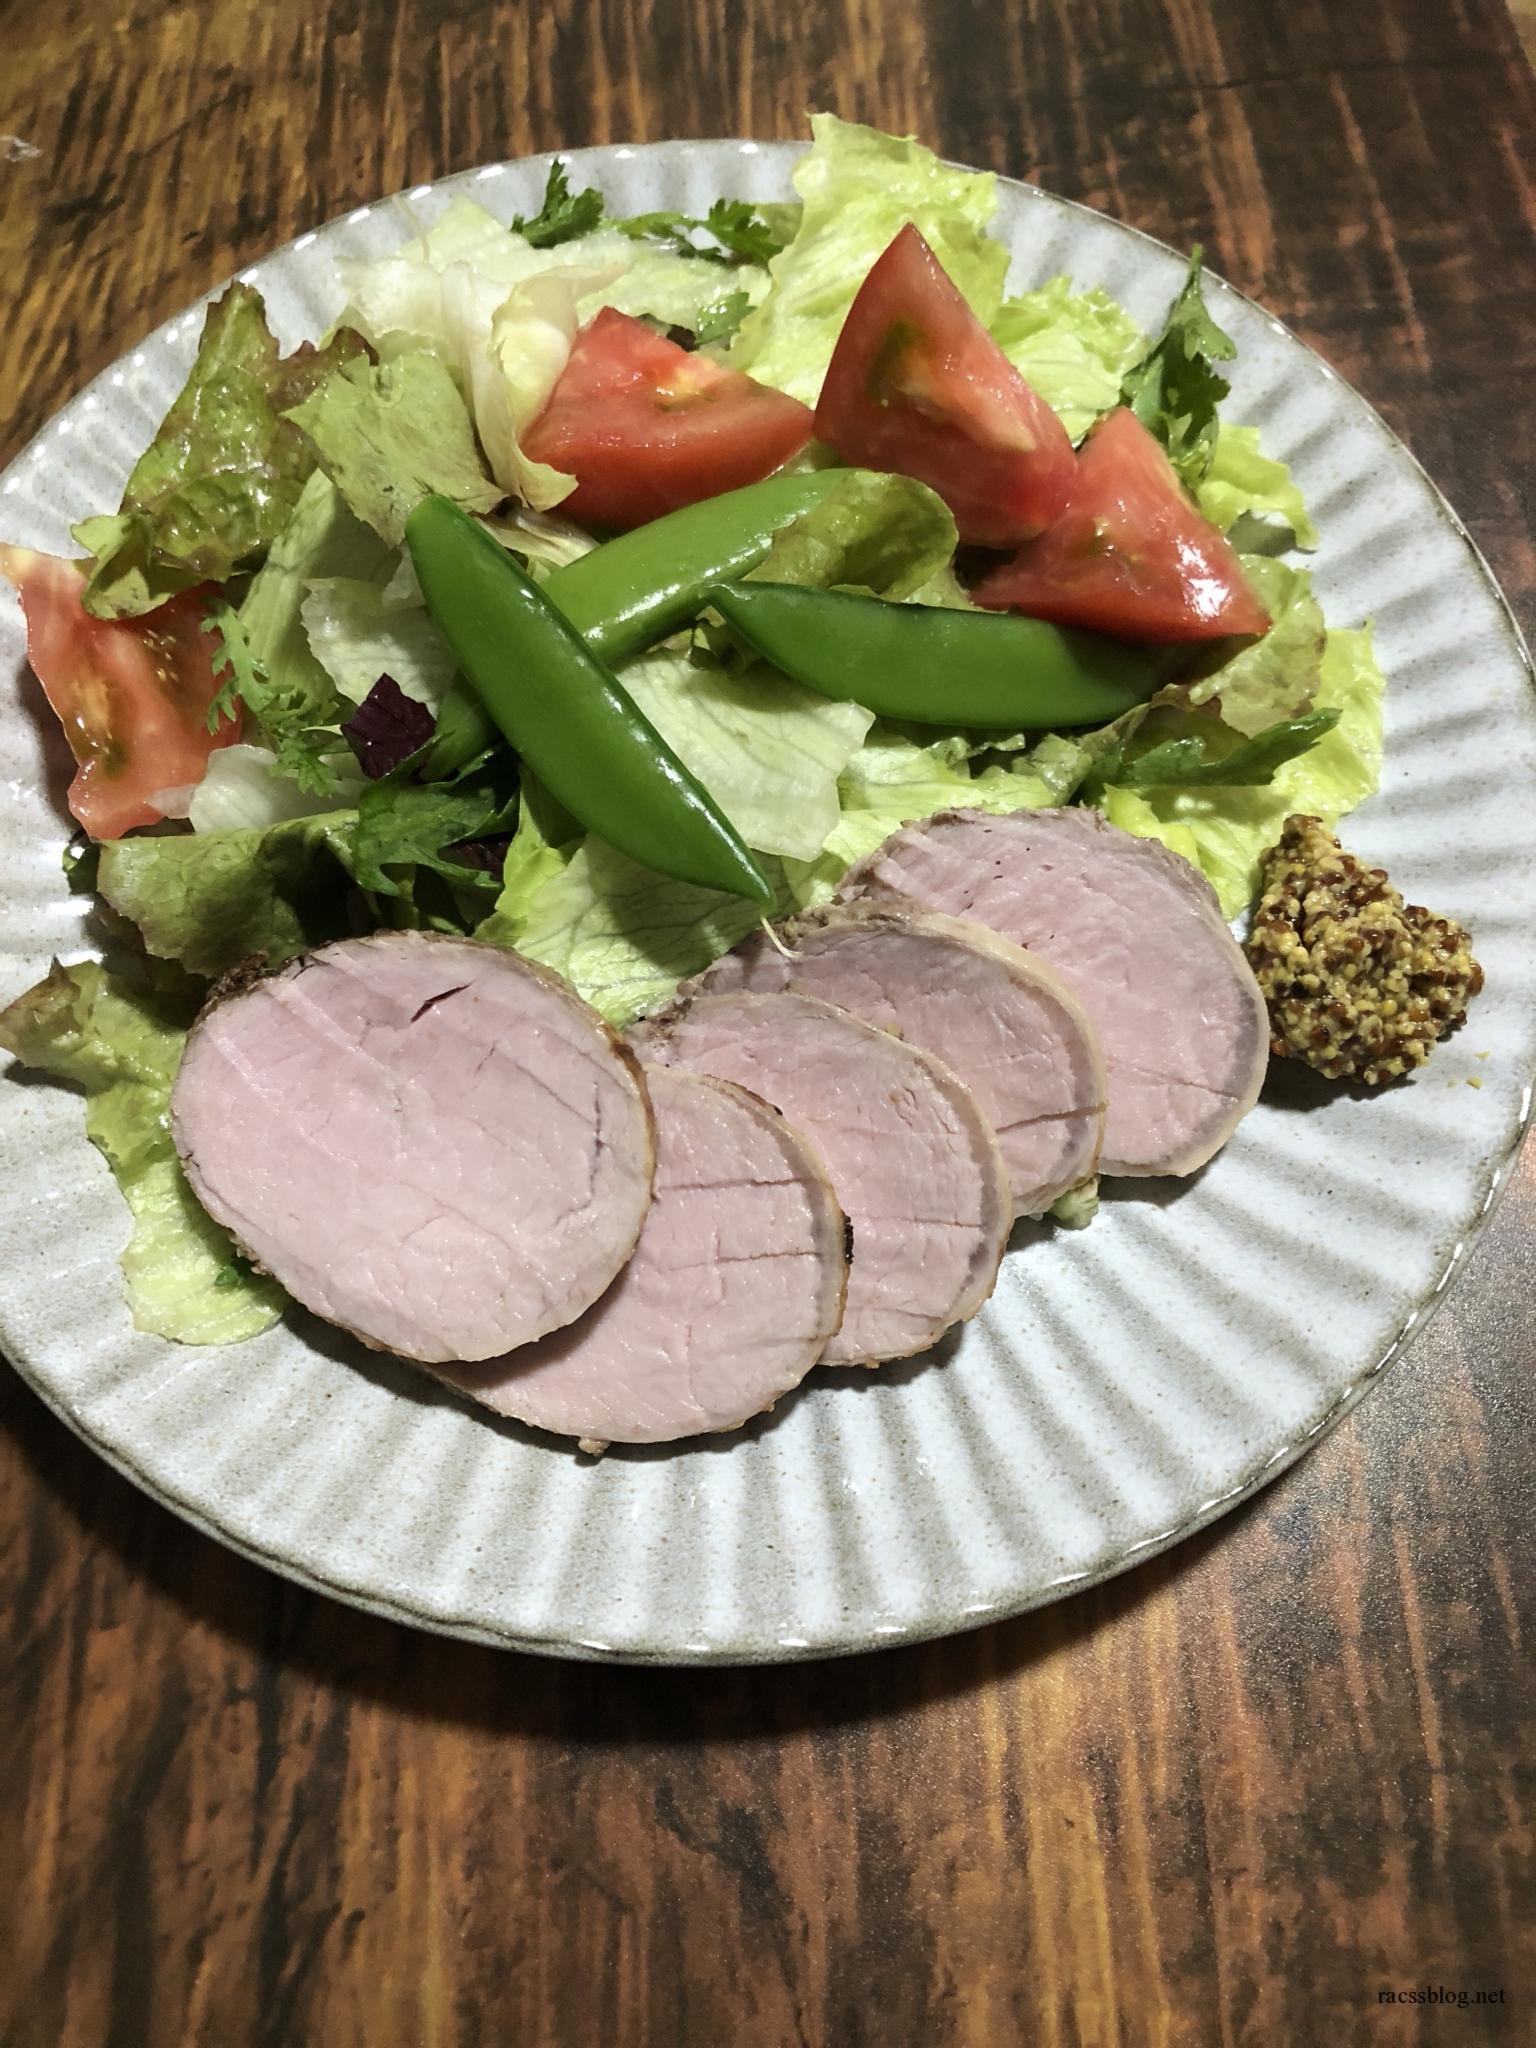 豚ヒレかたまり肉を柔らかいローストポークに仕上げる低温調理のレシピ